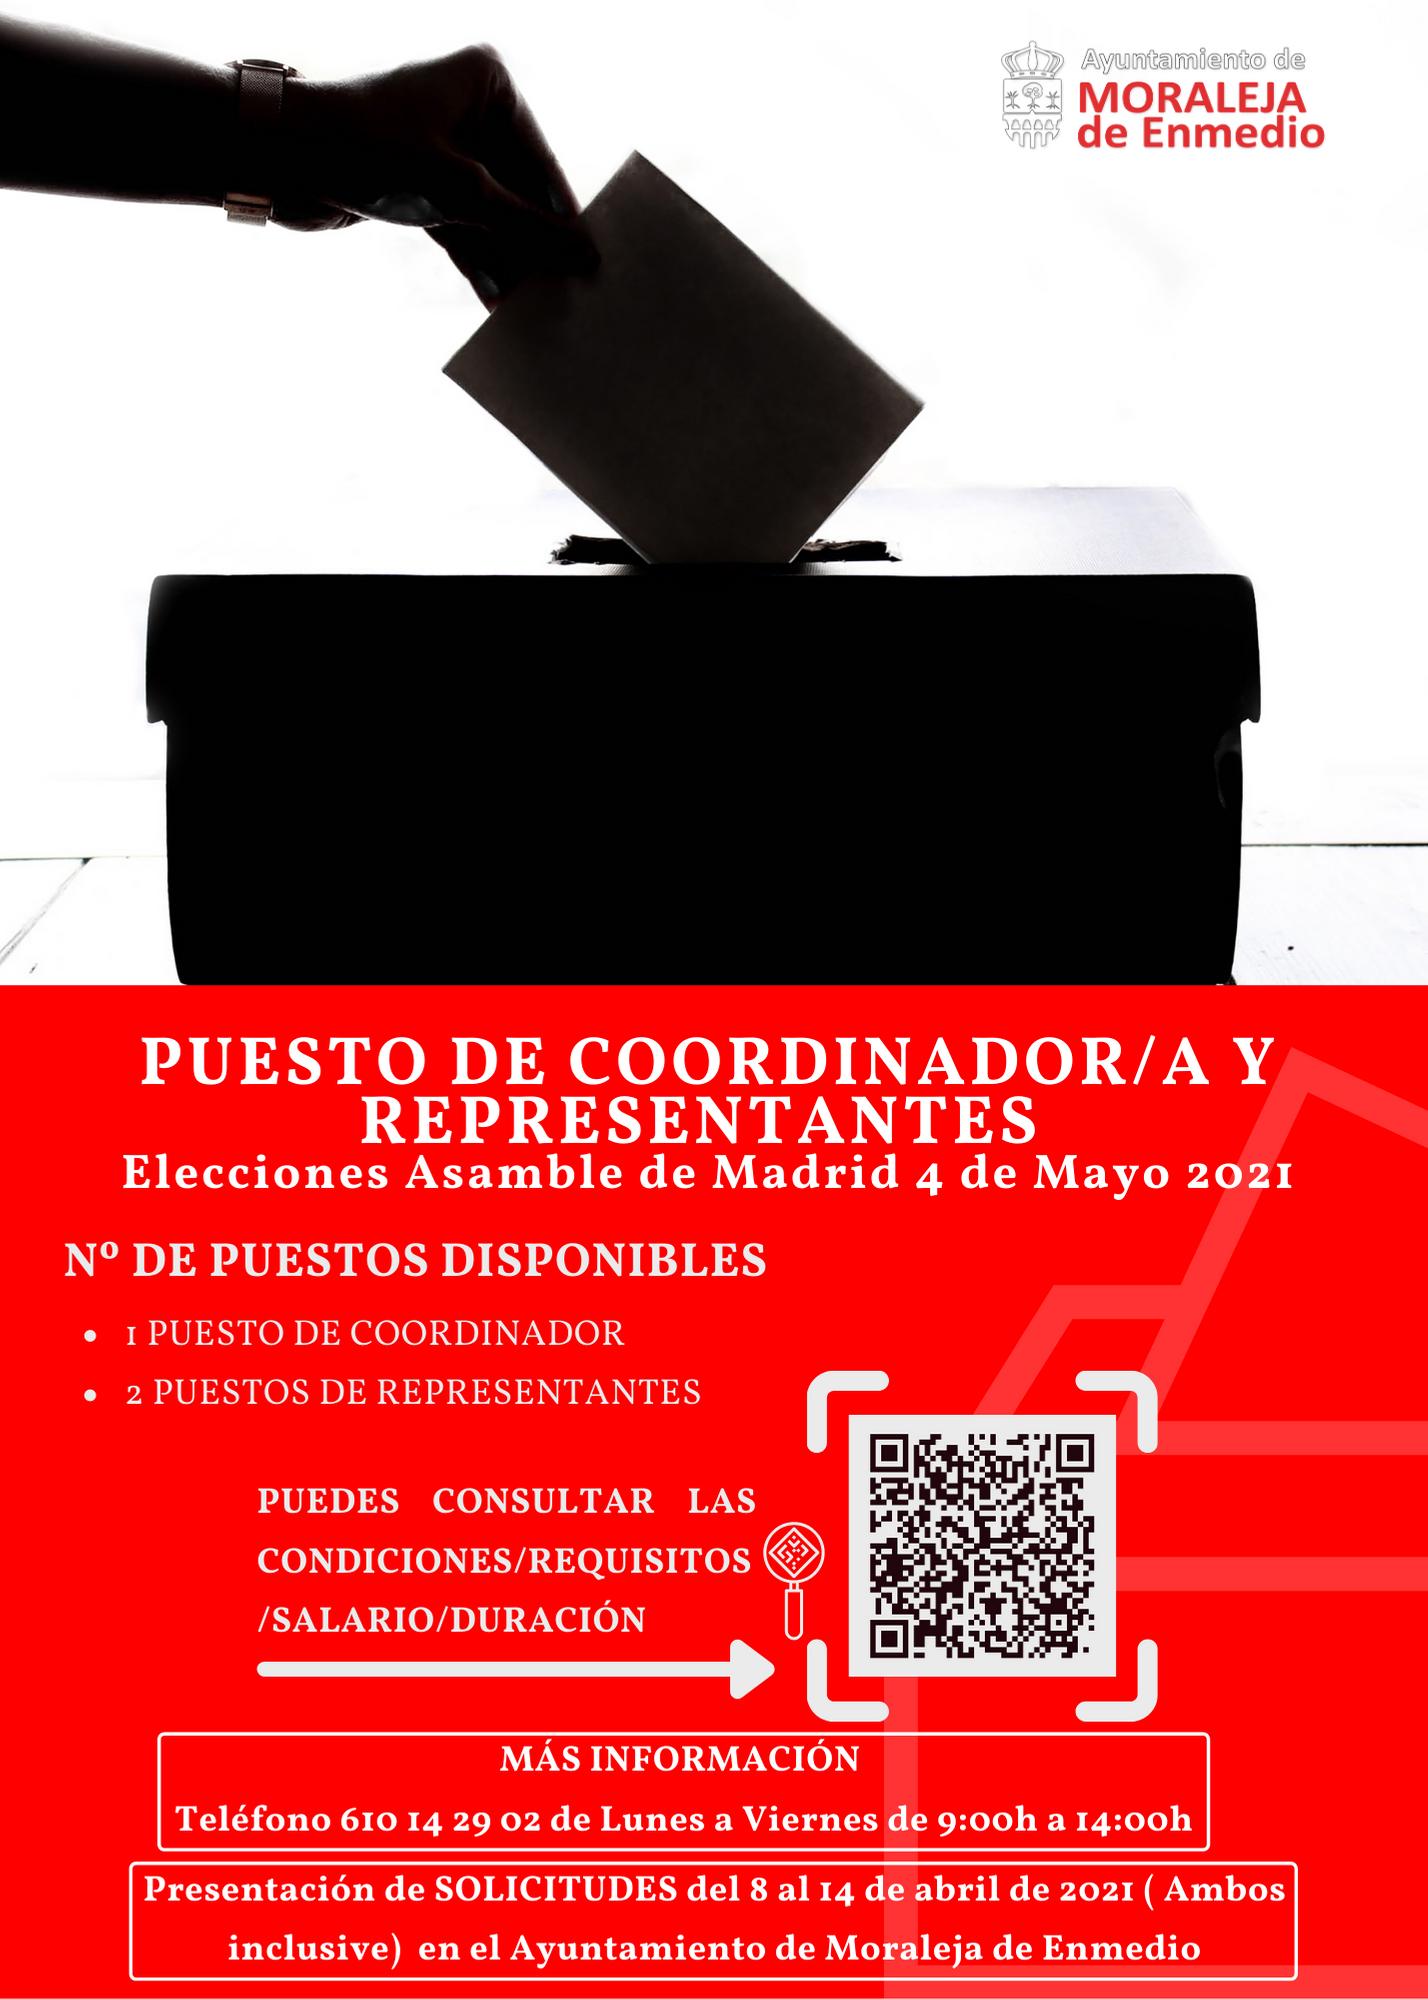 PUESTOS DE COORDINADOR/A Y REPRESENTANTES EN LAS ELECCIONES DEL 4 MAYO